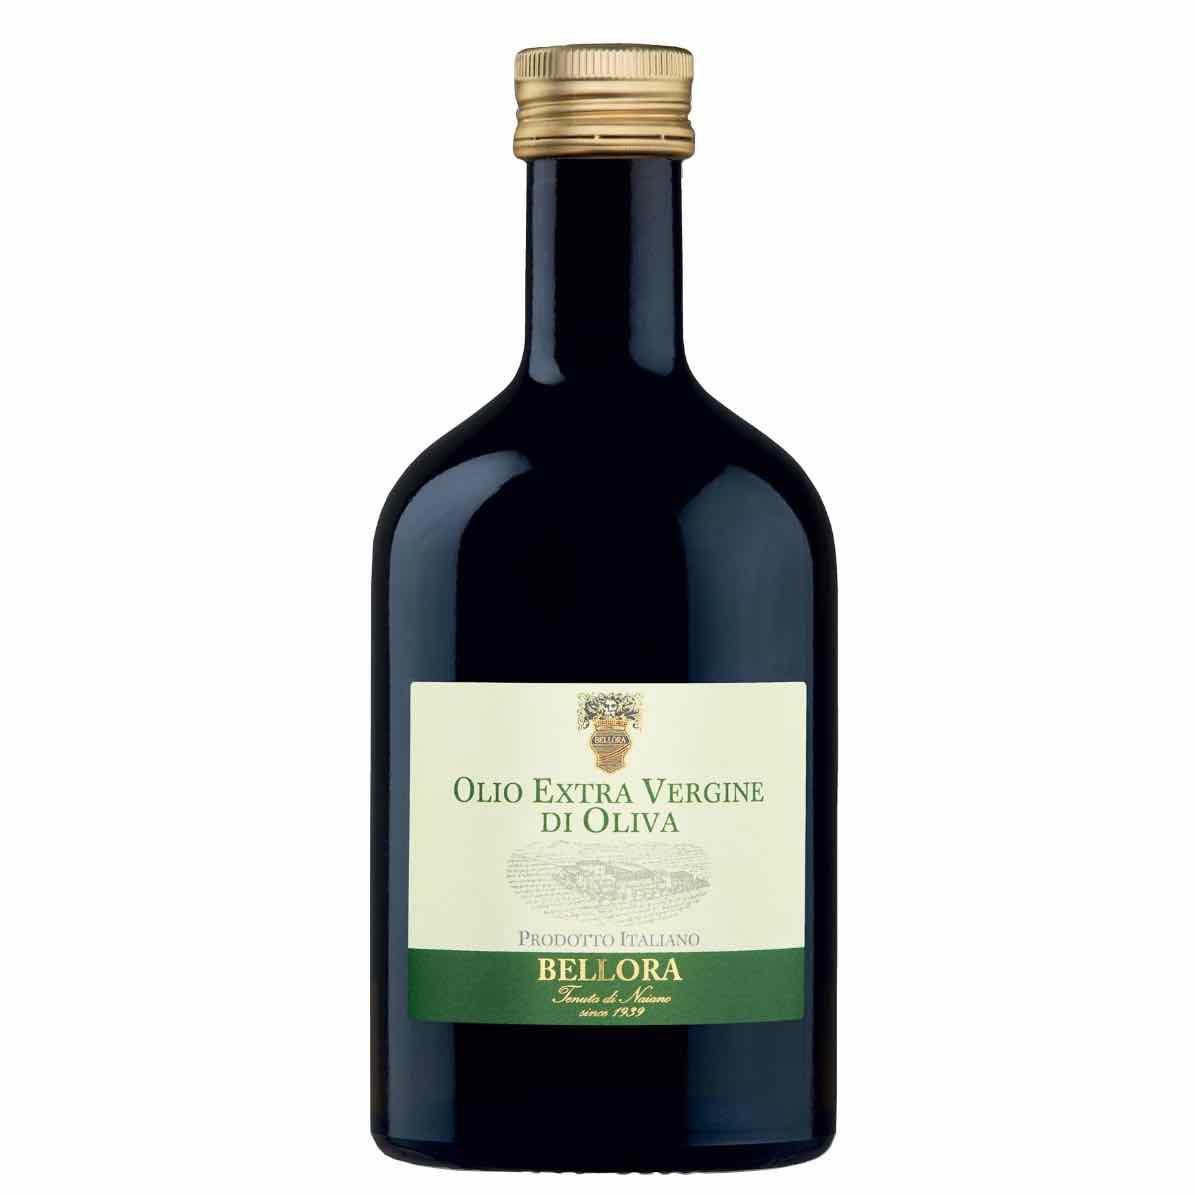 olio extravergine di oliva Bellora Tenuta di Naiano – Gustorotondo online shop – i migliori cibi online – vendita online dei migliori cibi italiani artigianali